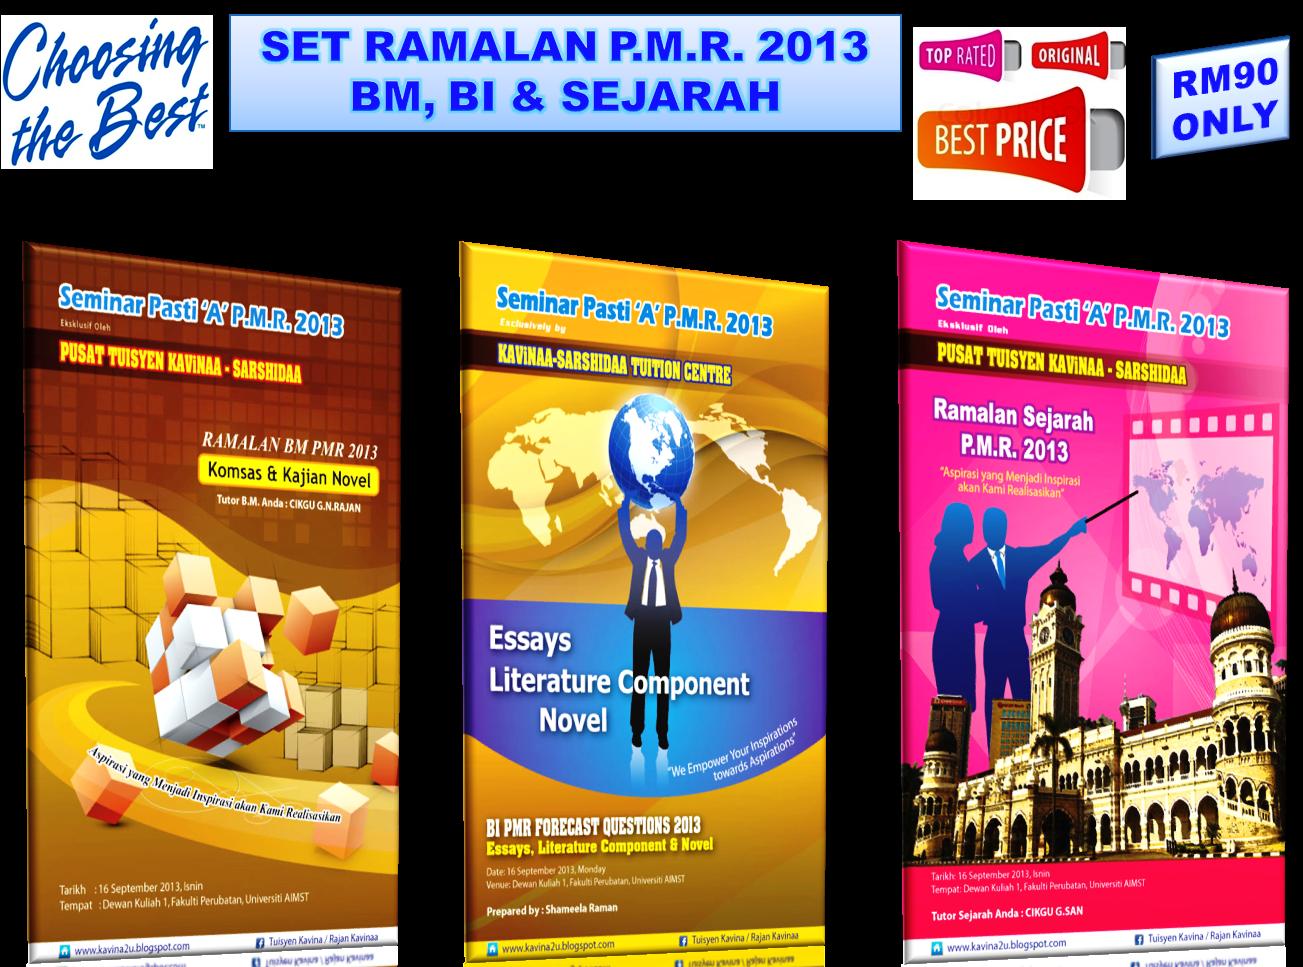 SET RAMALAN BM, BI & SEJARAH PMR 2013